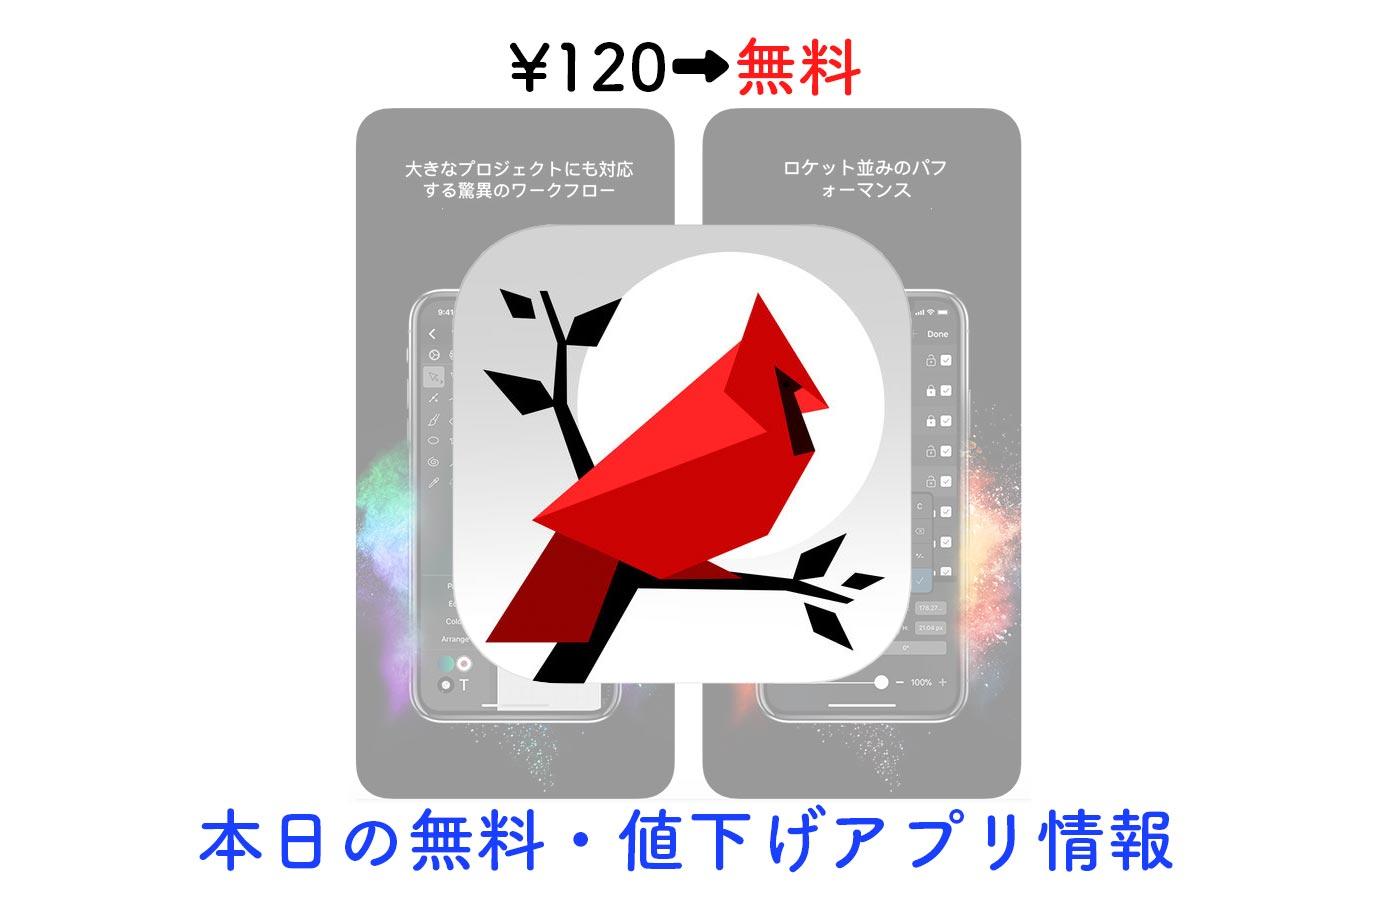 ¥120→無料、動物の形をつくるパズル「Cardinal Land」など【4/2】セールアプリ情報